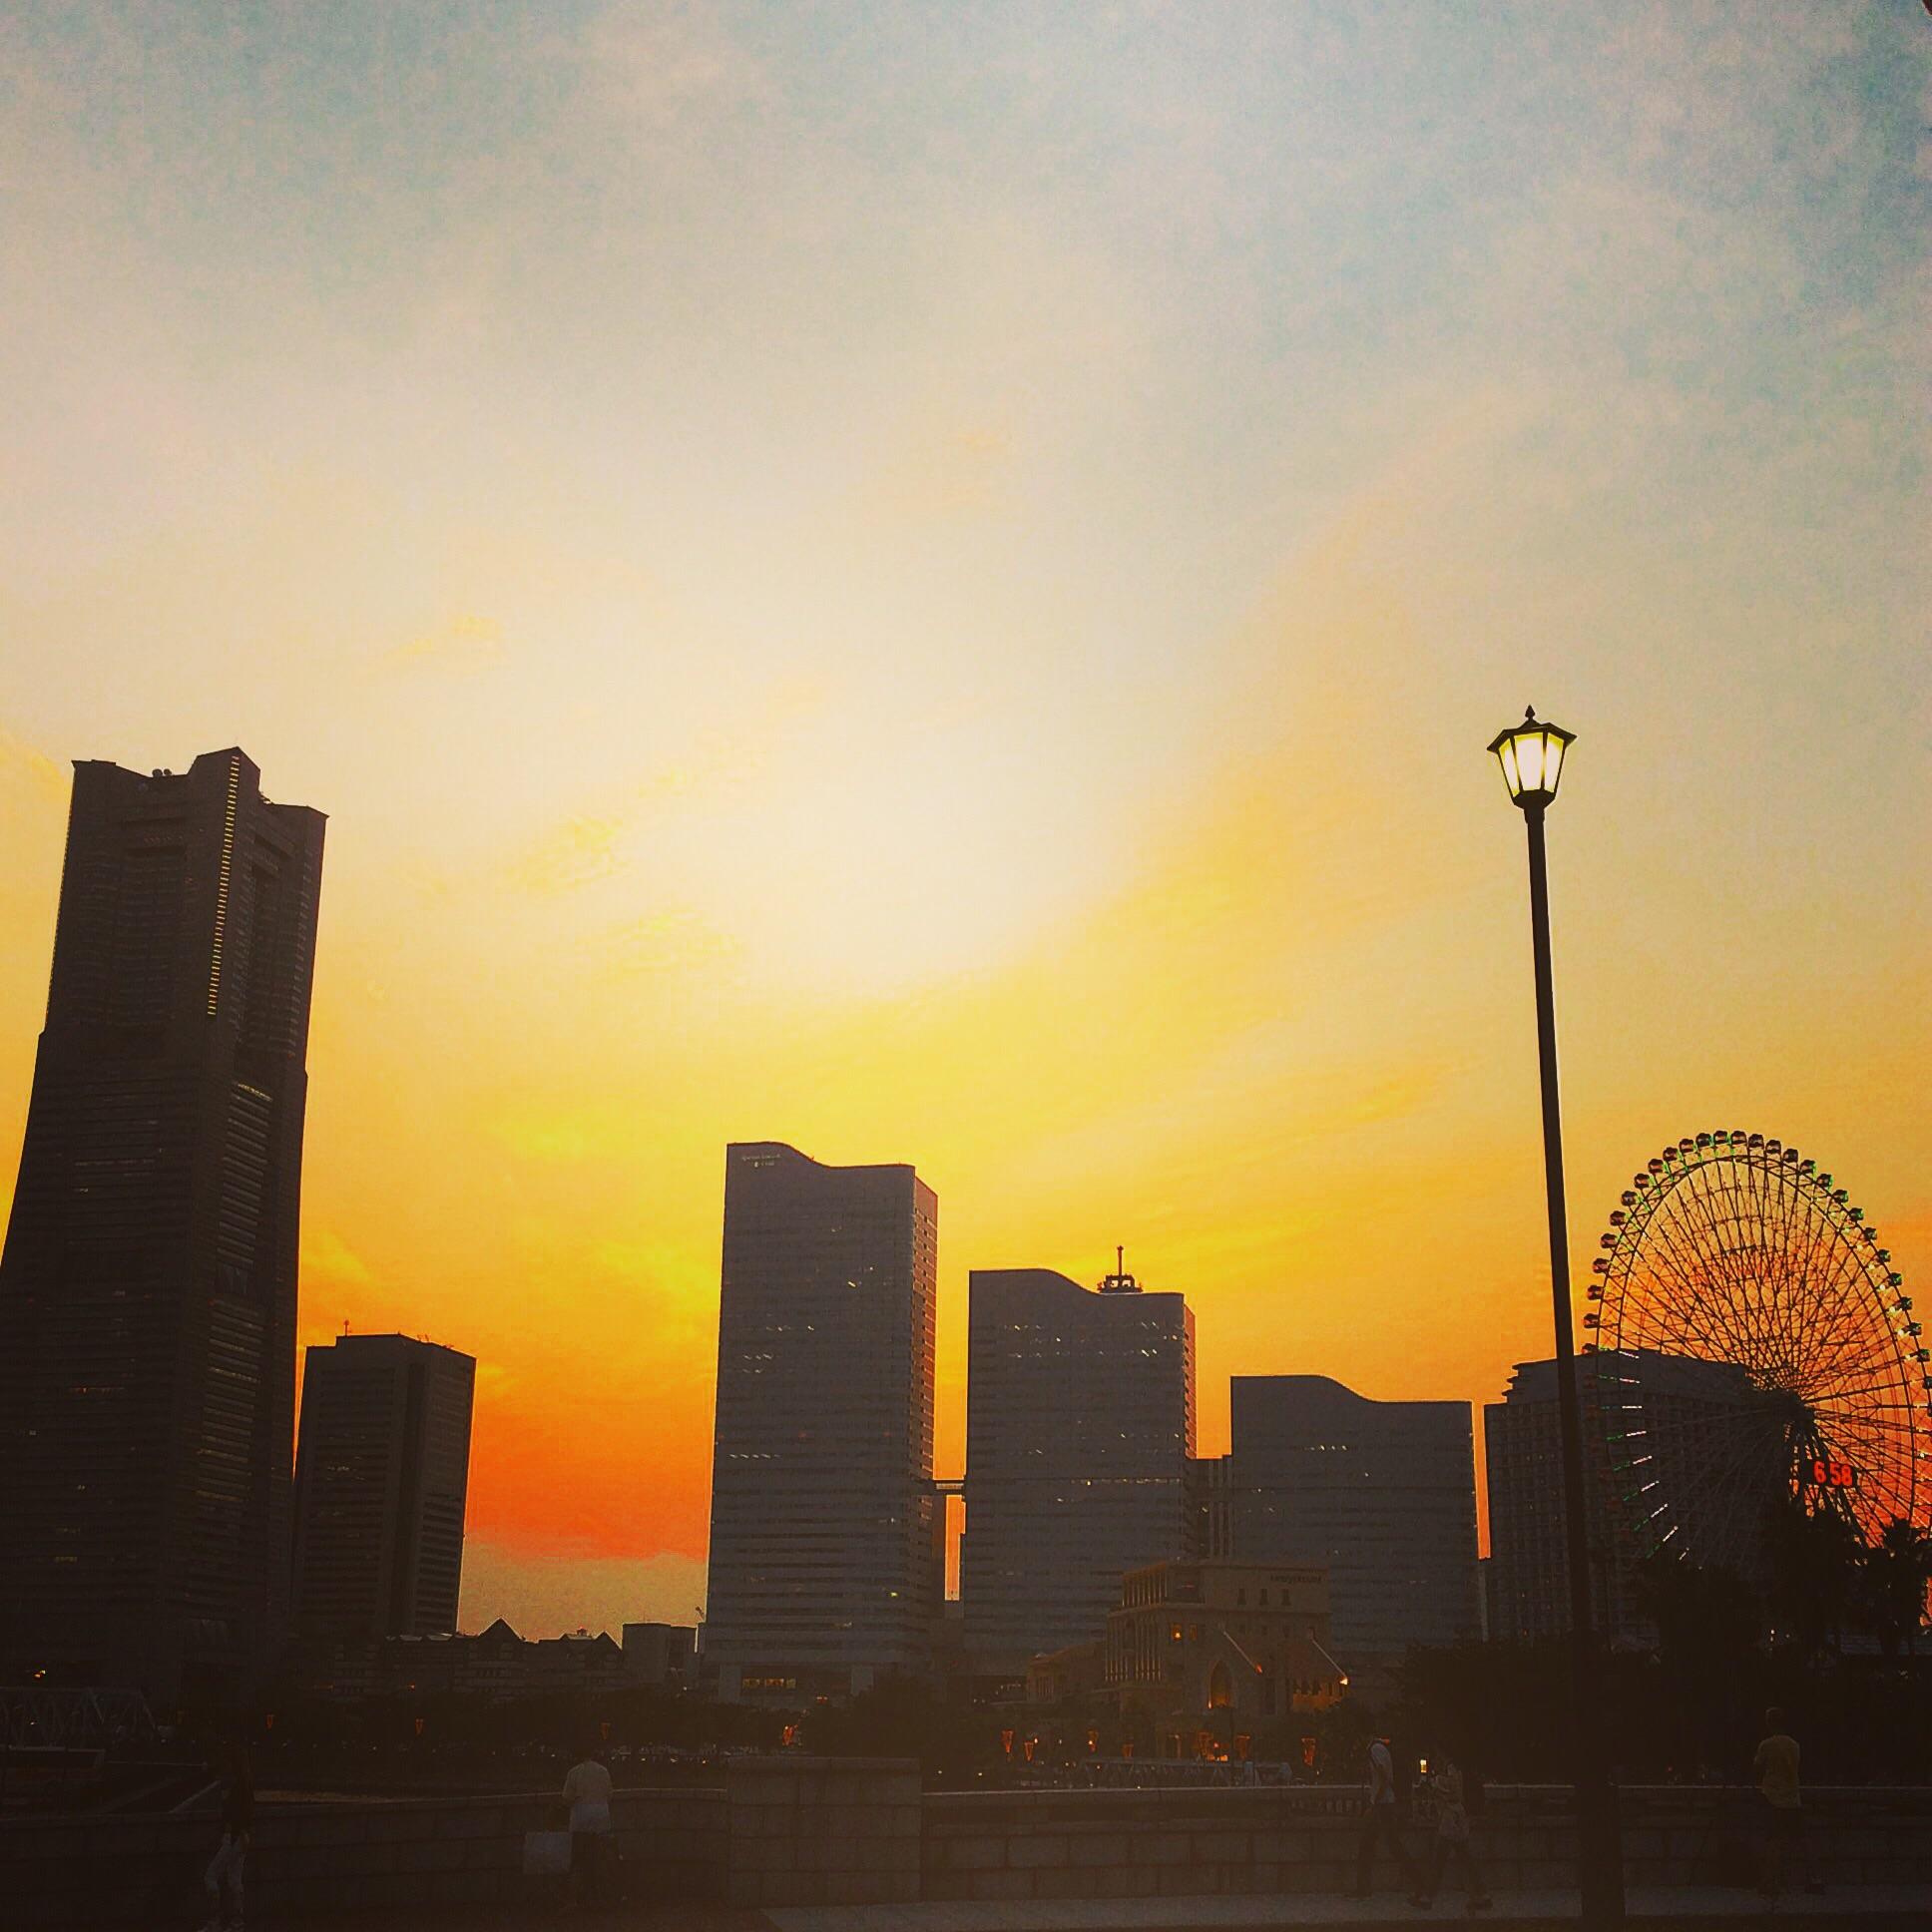 あ~てぃすとマーケット2015・夏@横浜赤レンガ倉庫。_b0125443_14223912.jpg